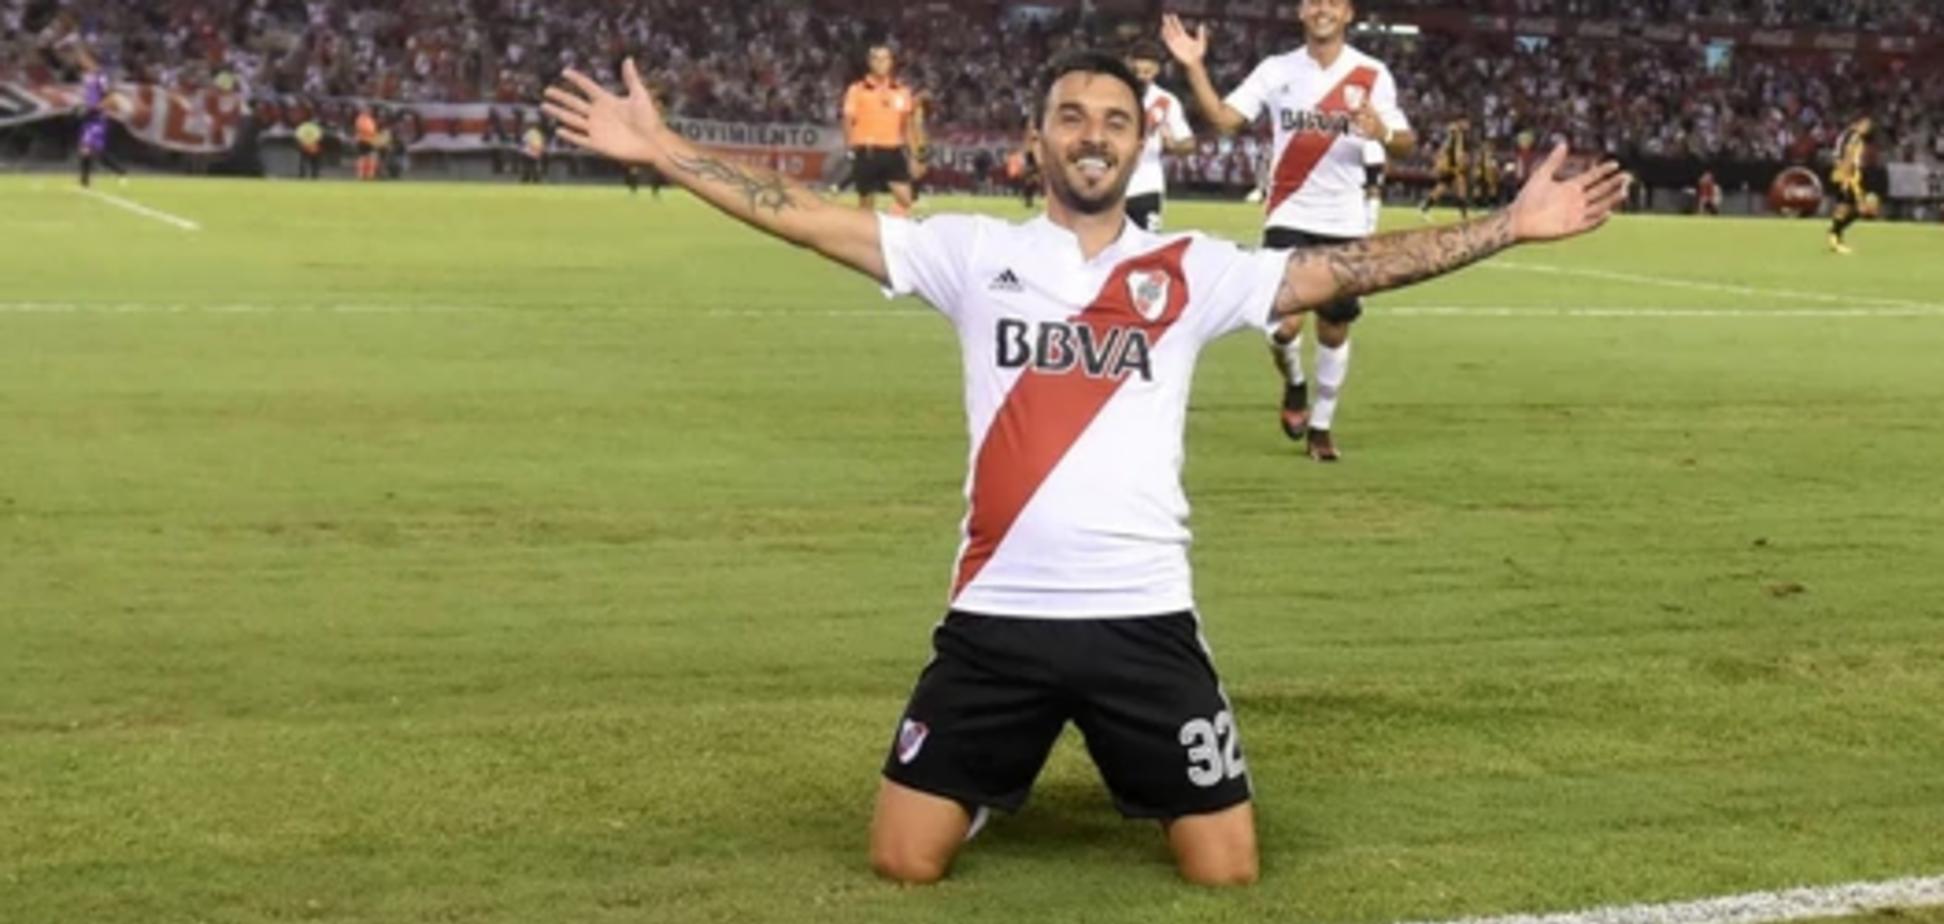 Аргентинський футболіст забив феноменальний гол, обігравши сімох суперників: відео шедевра